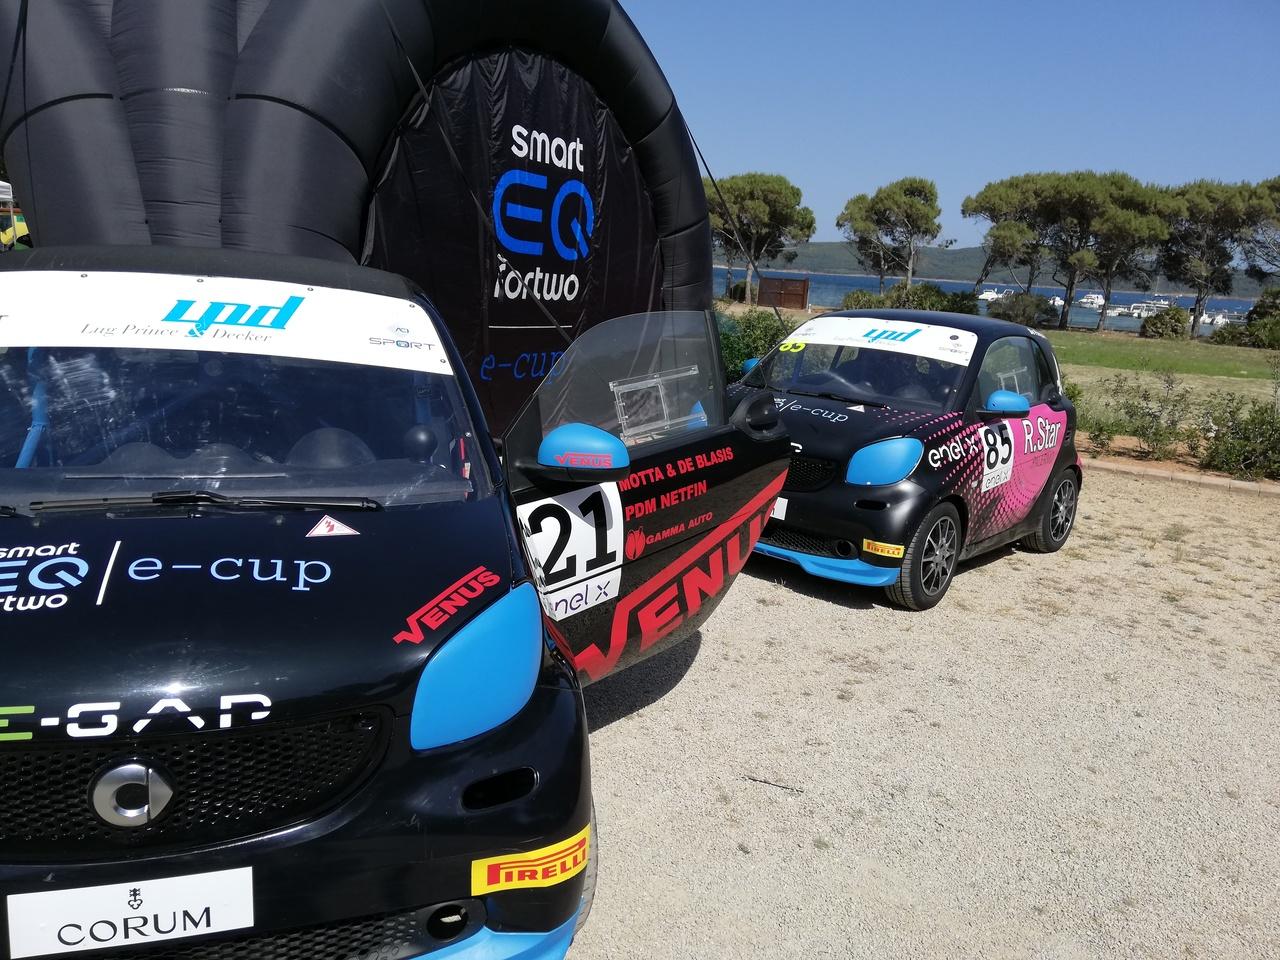 smart EQ fortwo e-cup - Prova Rally Italia Sardegna